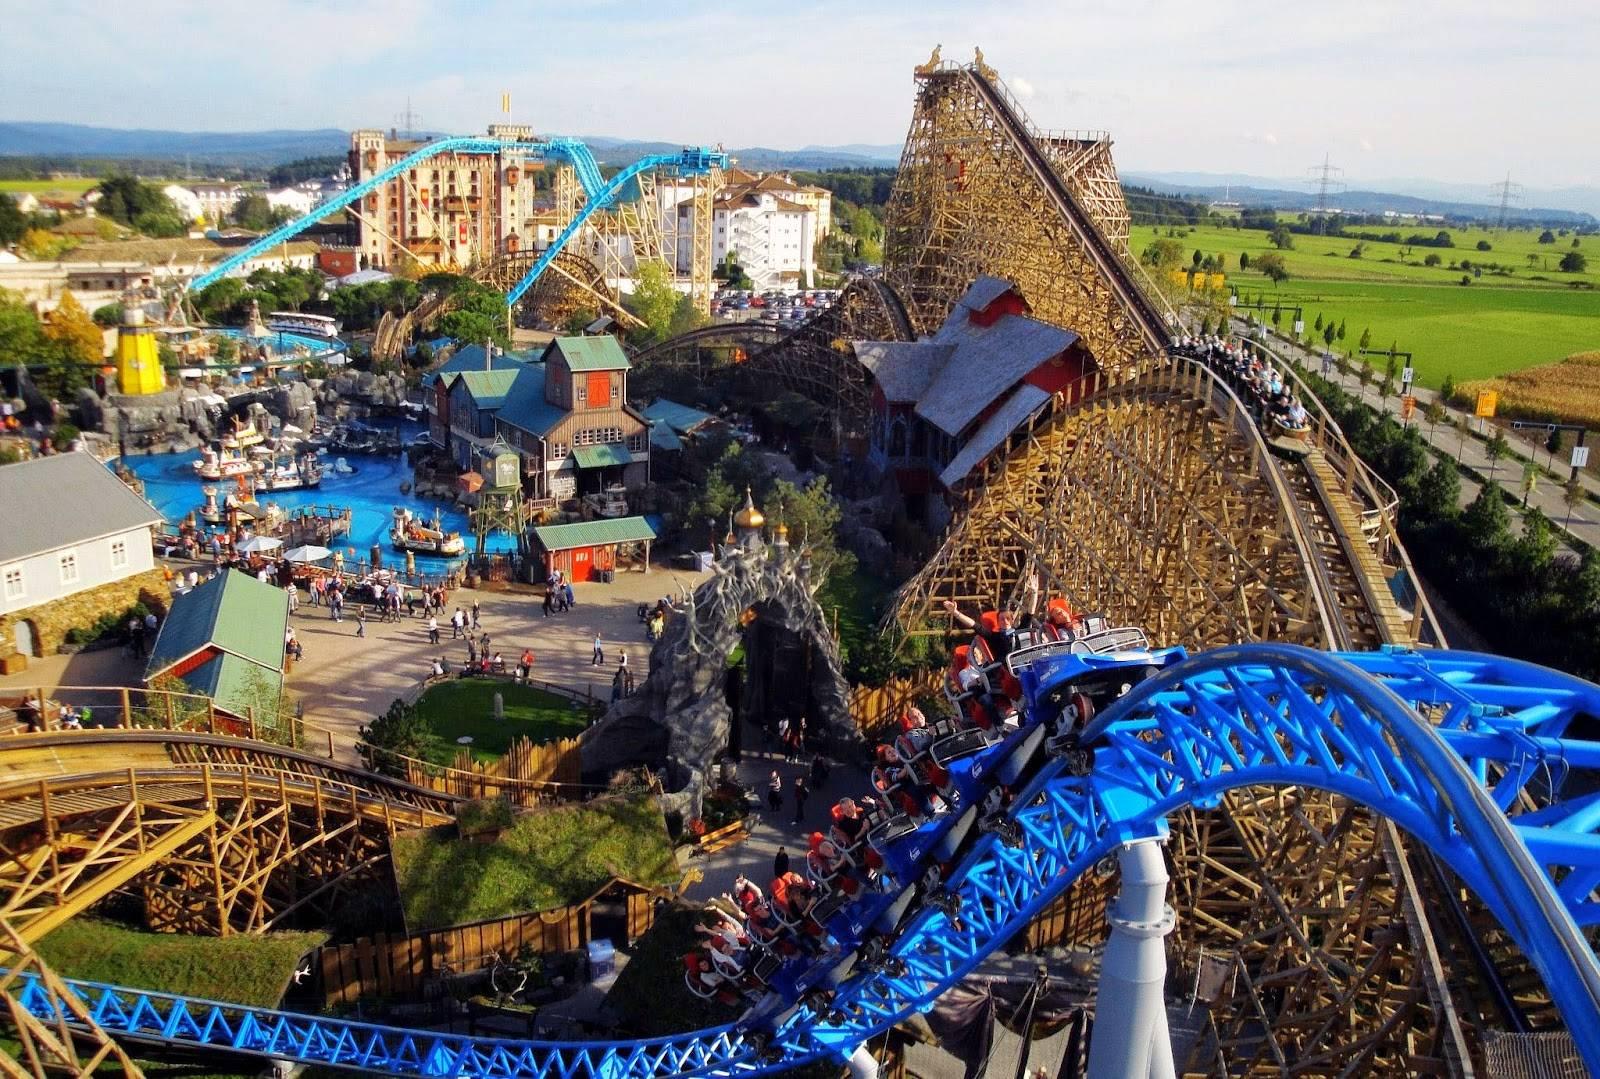 Европа парк в германии — аттракционы и развлечения для всех – так удобно!  traveltu.ru